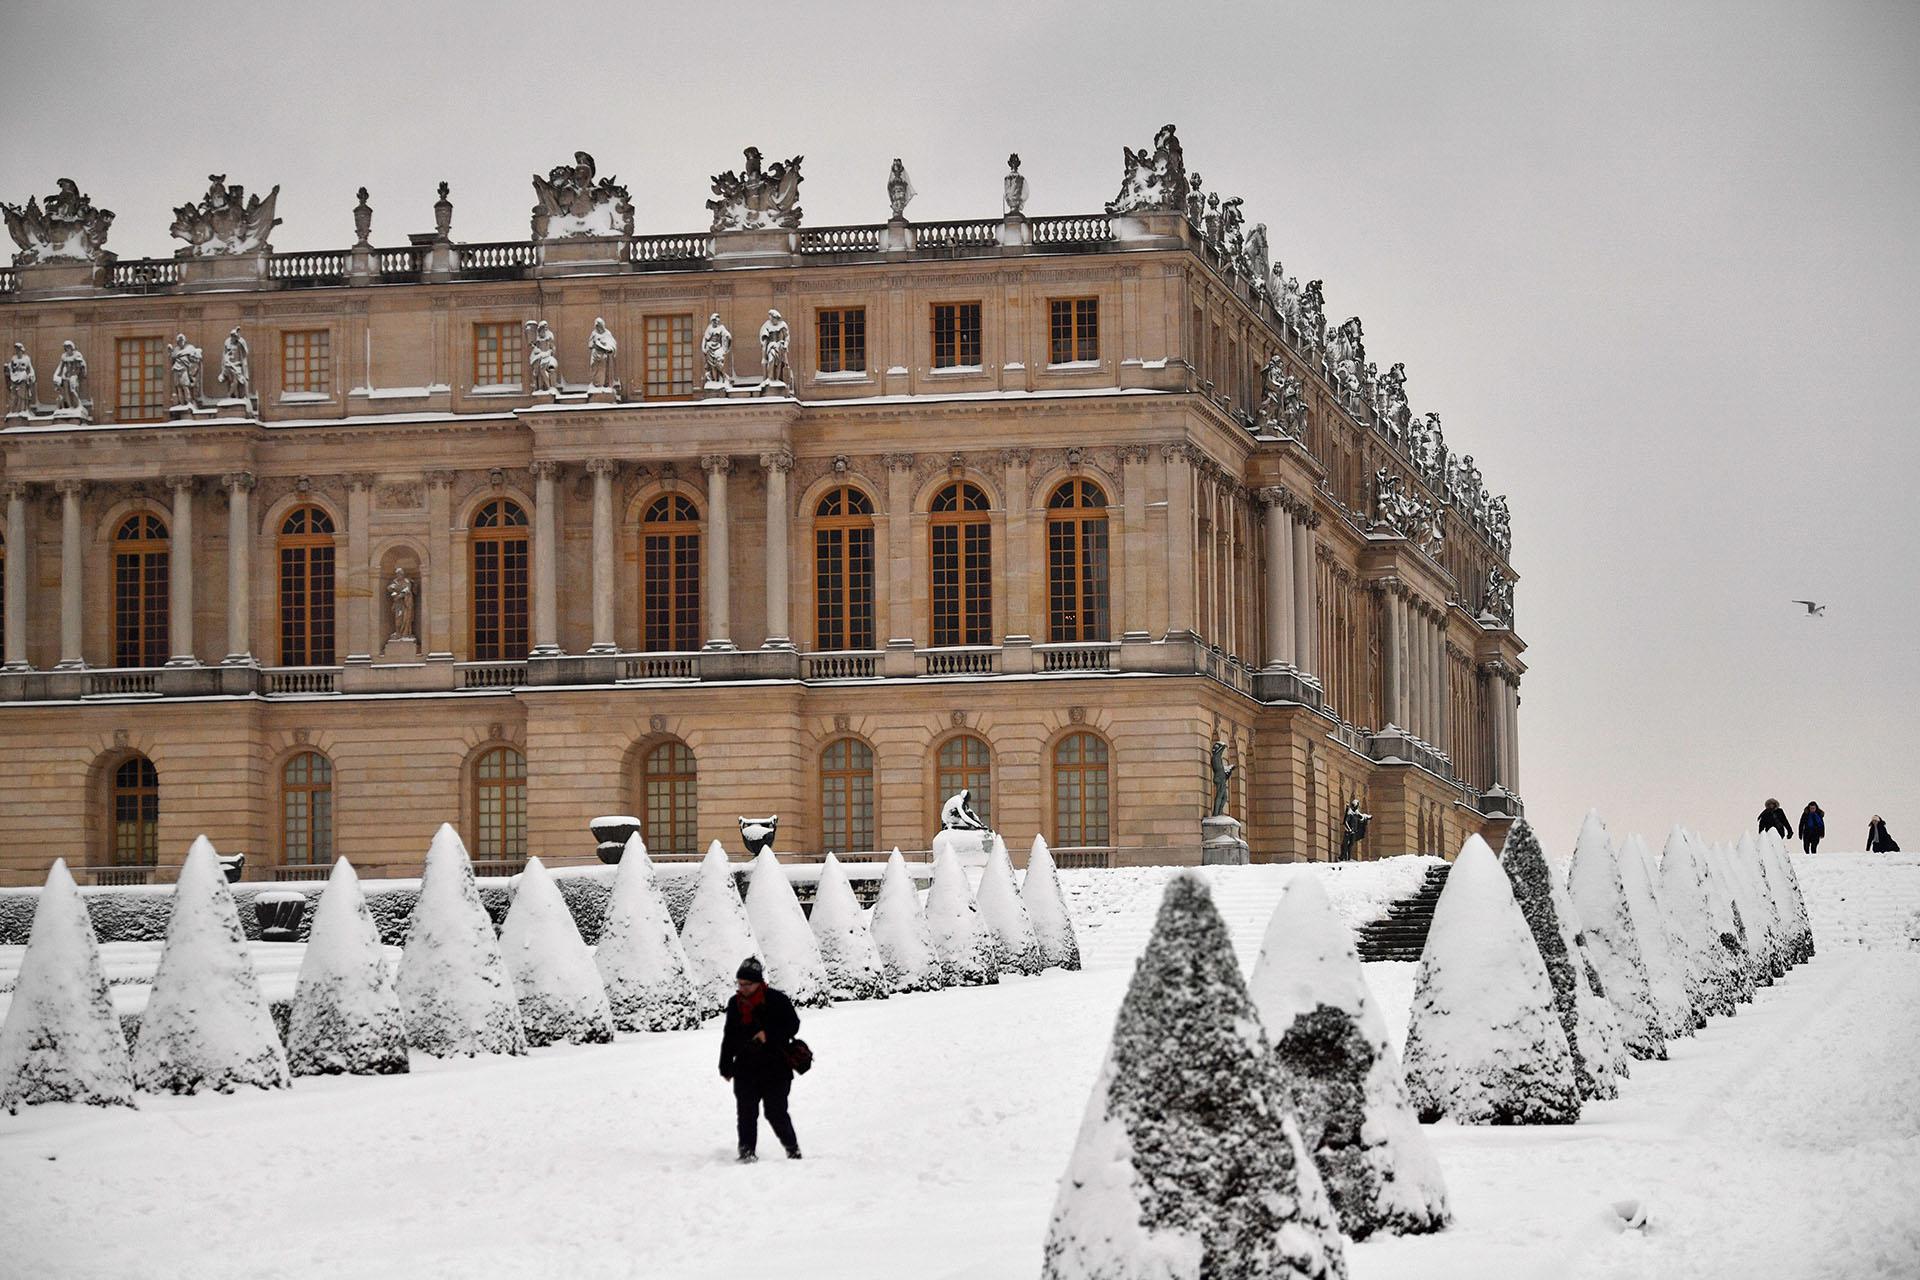 El Palacio de Versailles, con sus tradicionales jardines cubiertos de blanco